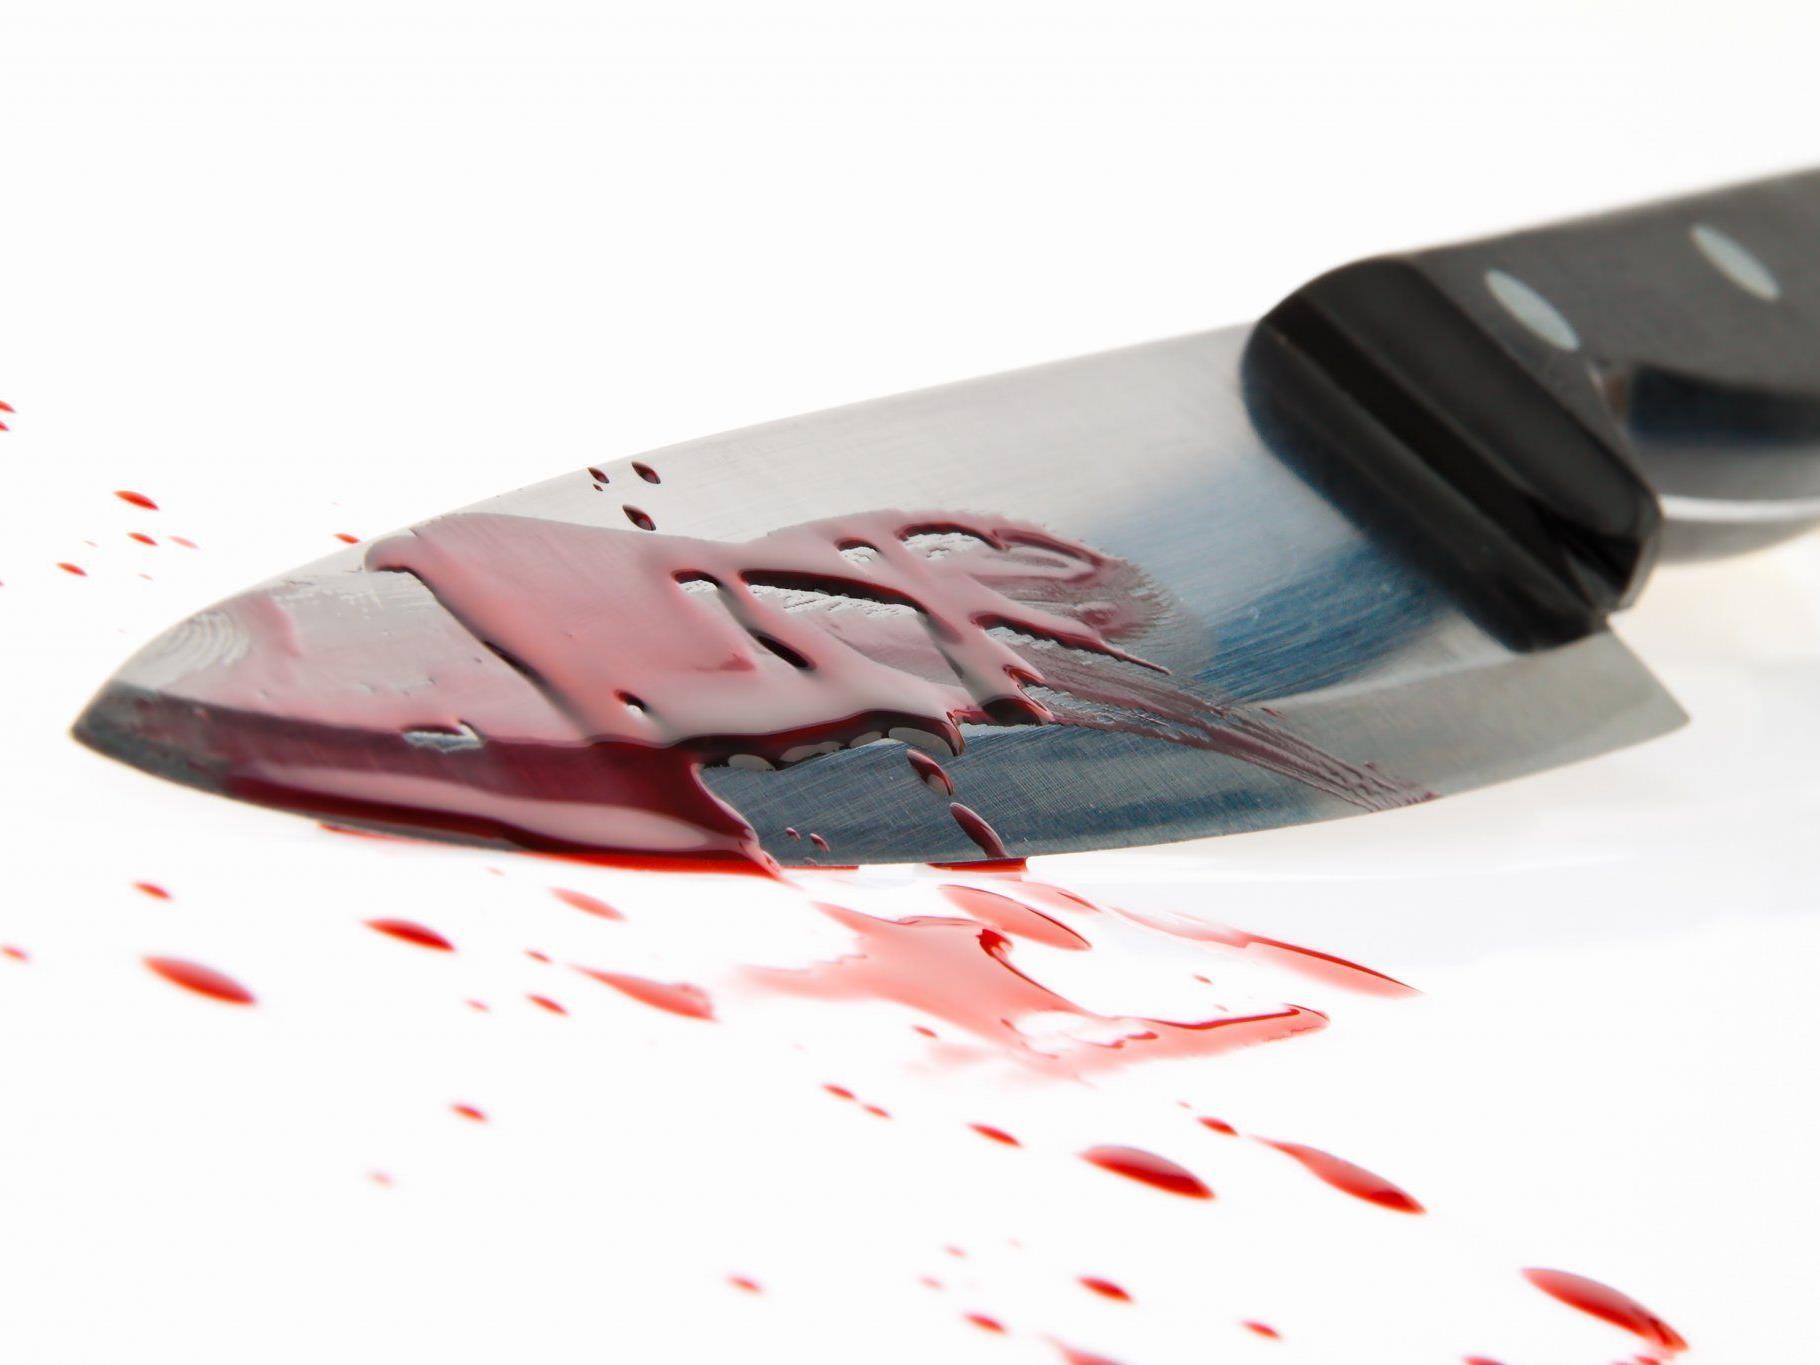 Nicht bemerkt hatte das Opfer jenes Messer, das in seiner Brust steckte